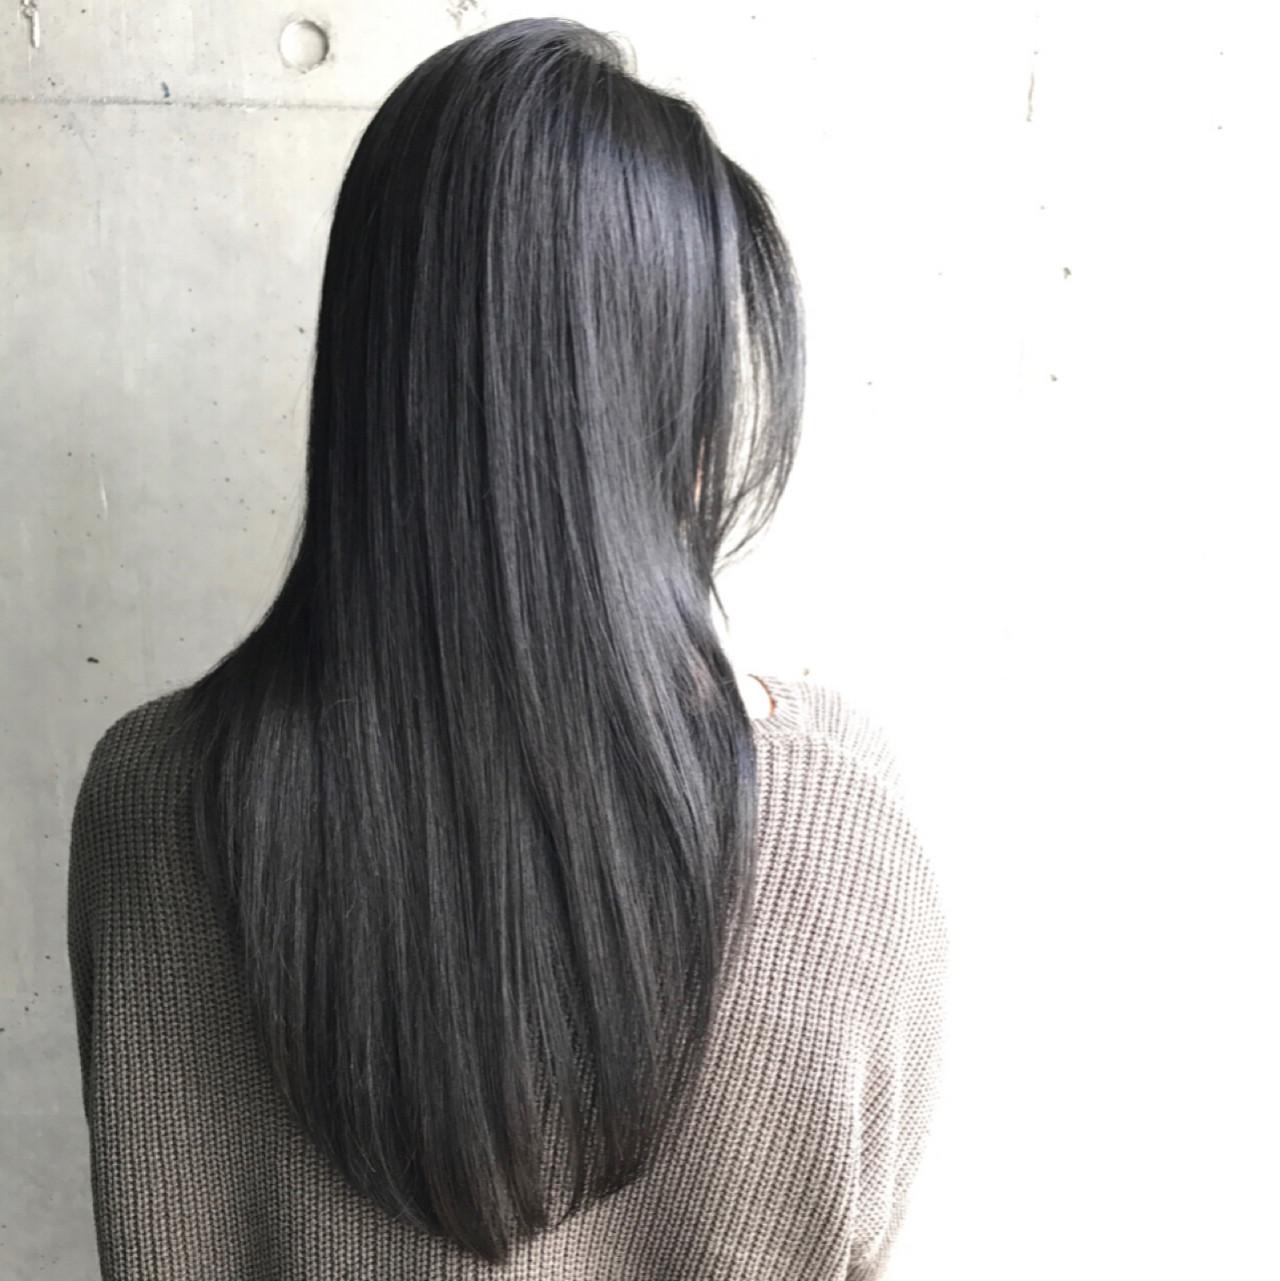 ナチュラル ストレート 黒髪 グレー ヘアスタイルや髪型の写真・画像 | Daichi shimazu / hairsalon M 大宮